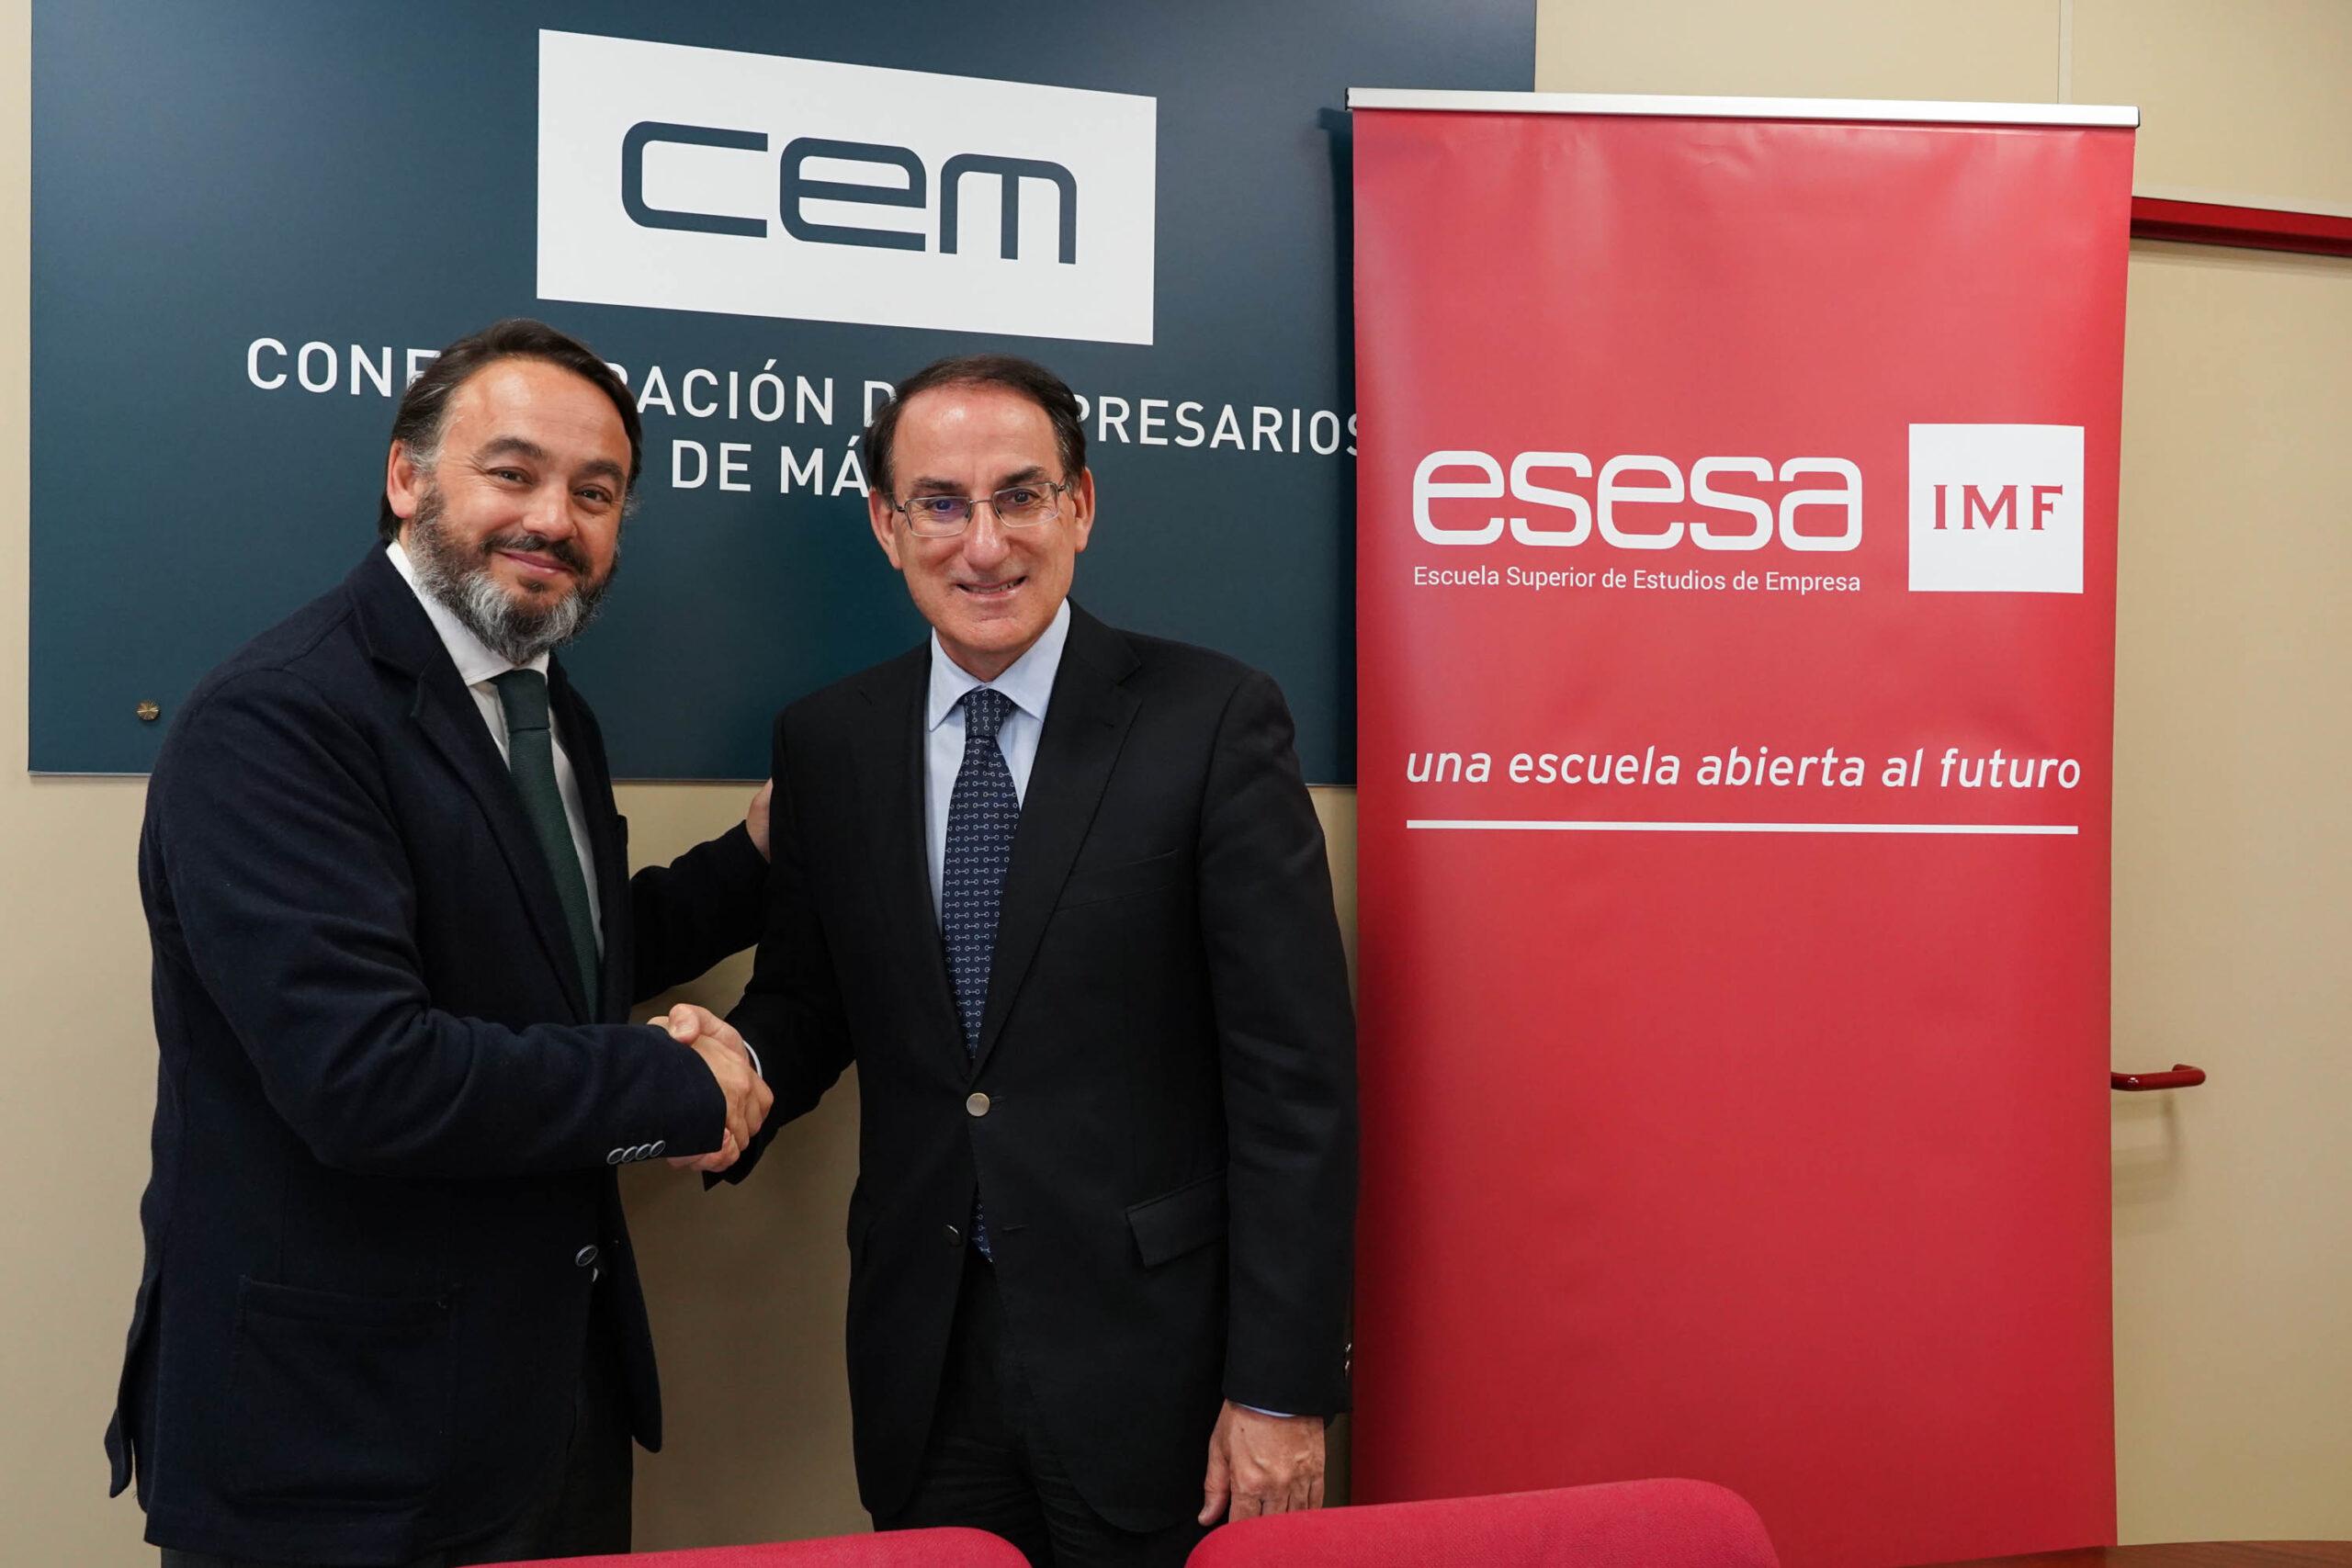 202200311 MALAGA-Convenio CEM-ESESA. © CEM jesusdominguez.com